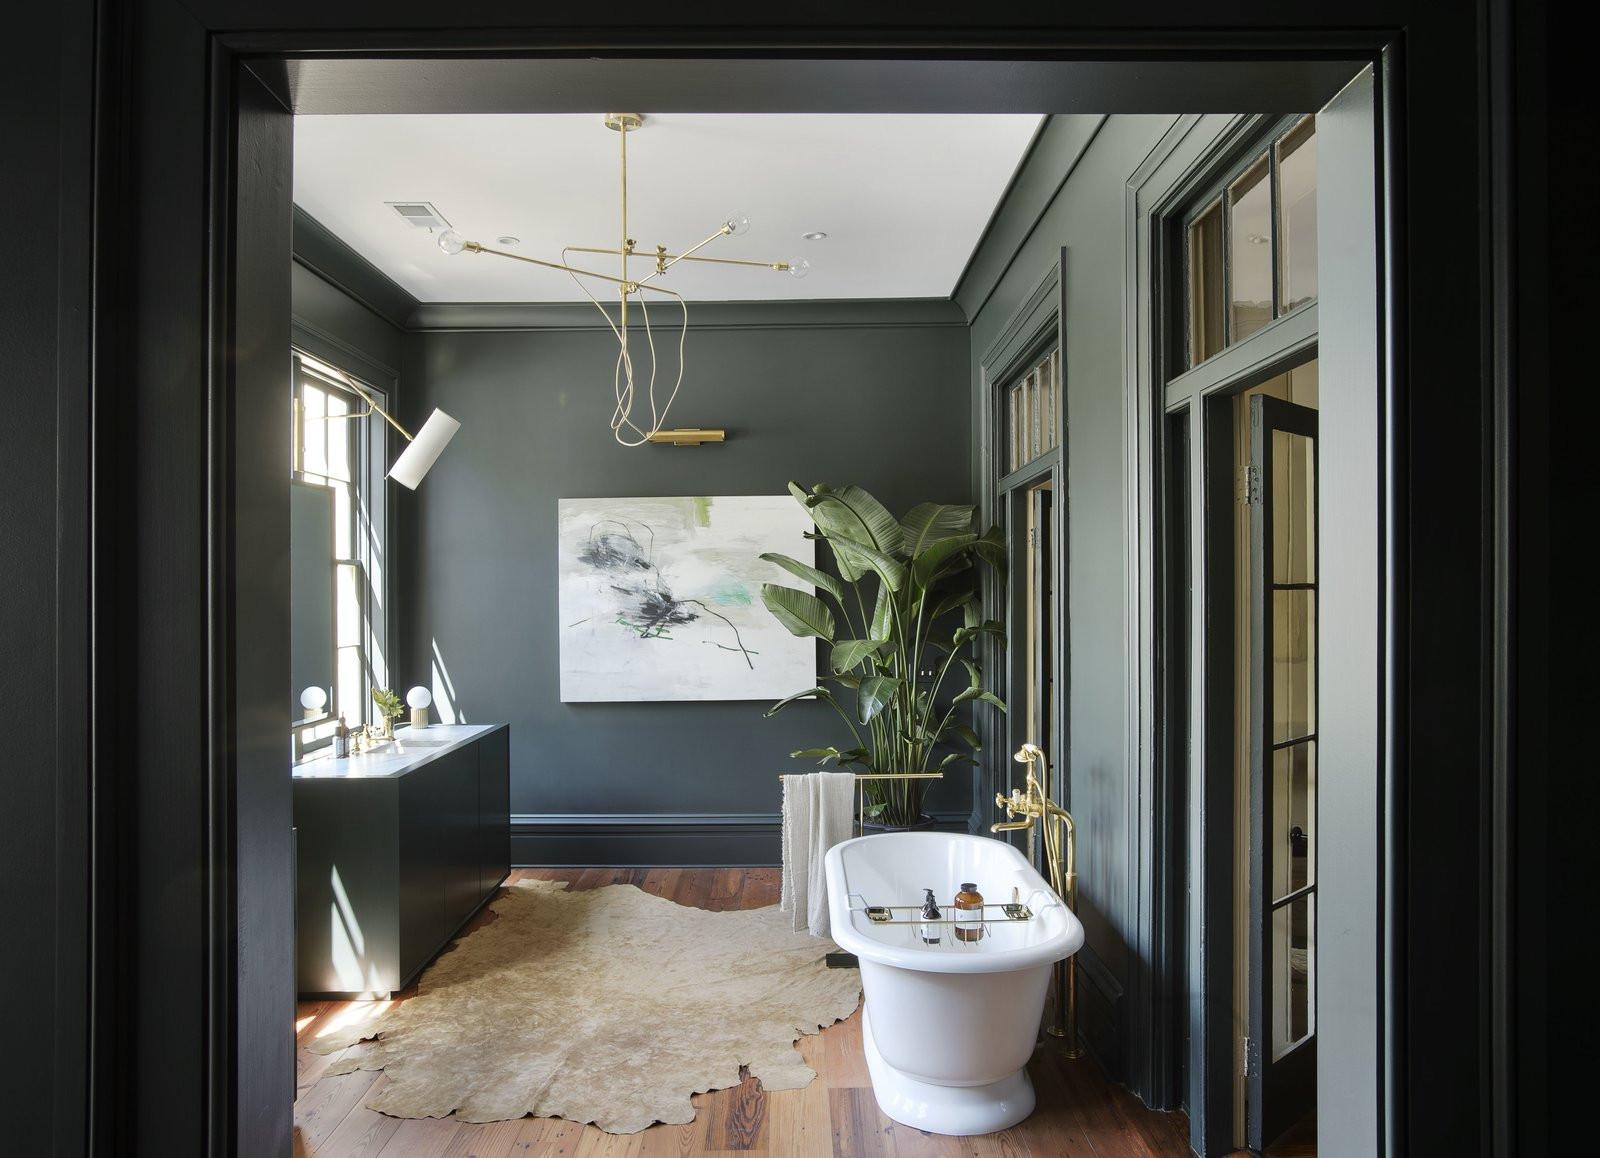 Modern Bathroom Design Ideas  9 Modern Bathroom Ideas That Go f the Beaten Path Dwell